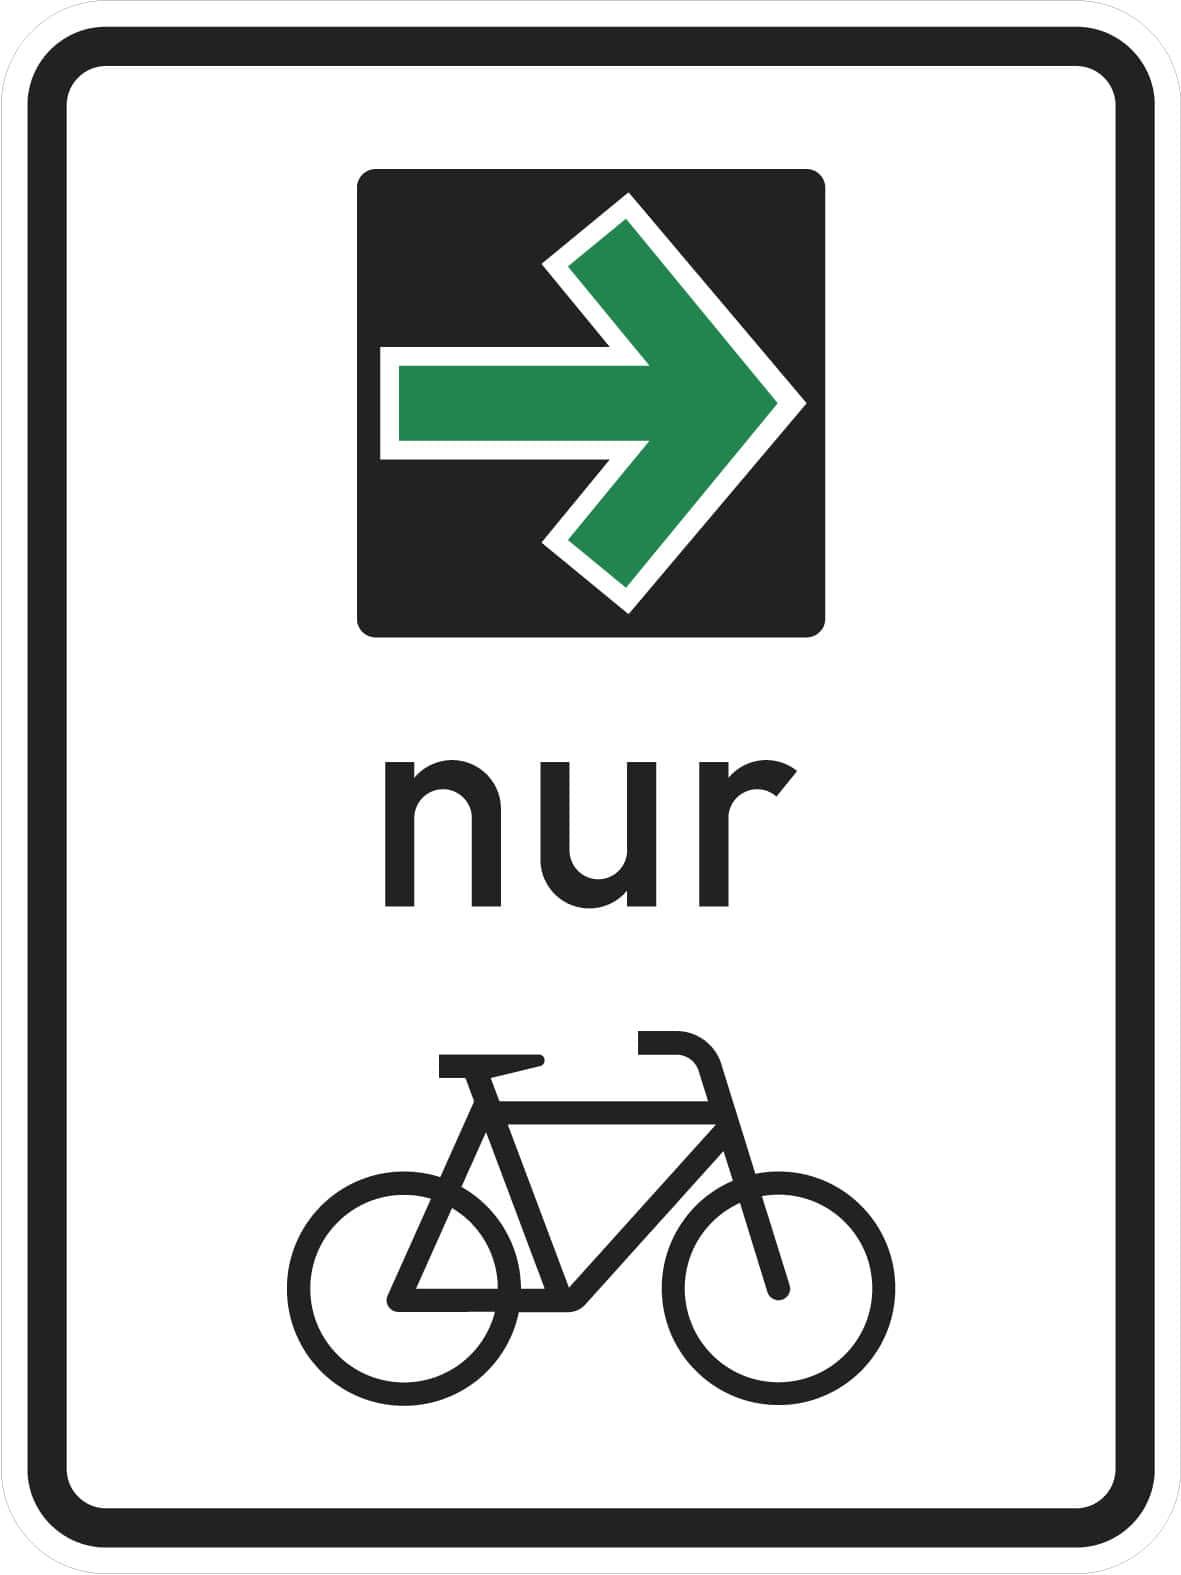 Verkehrszeichen & Verkehrsregeln nach der StVO-Novelle 2